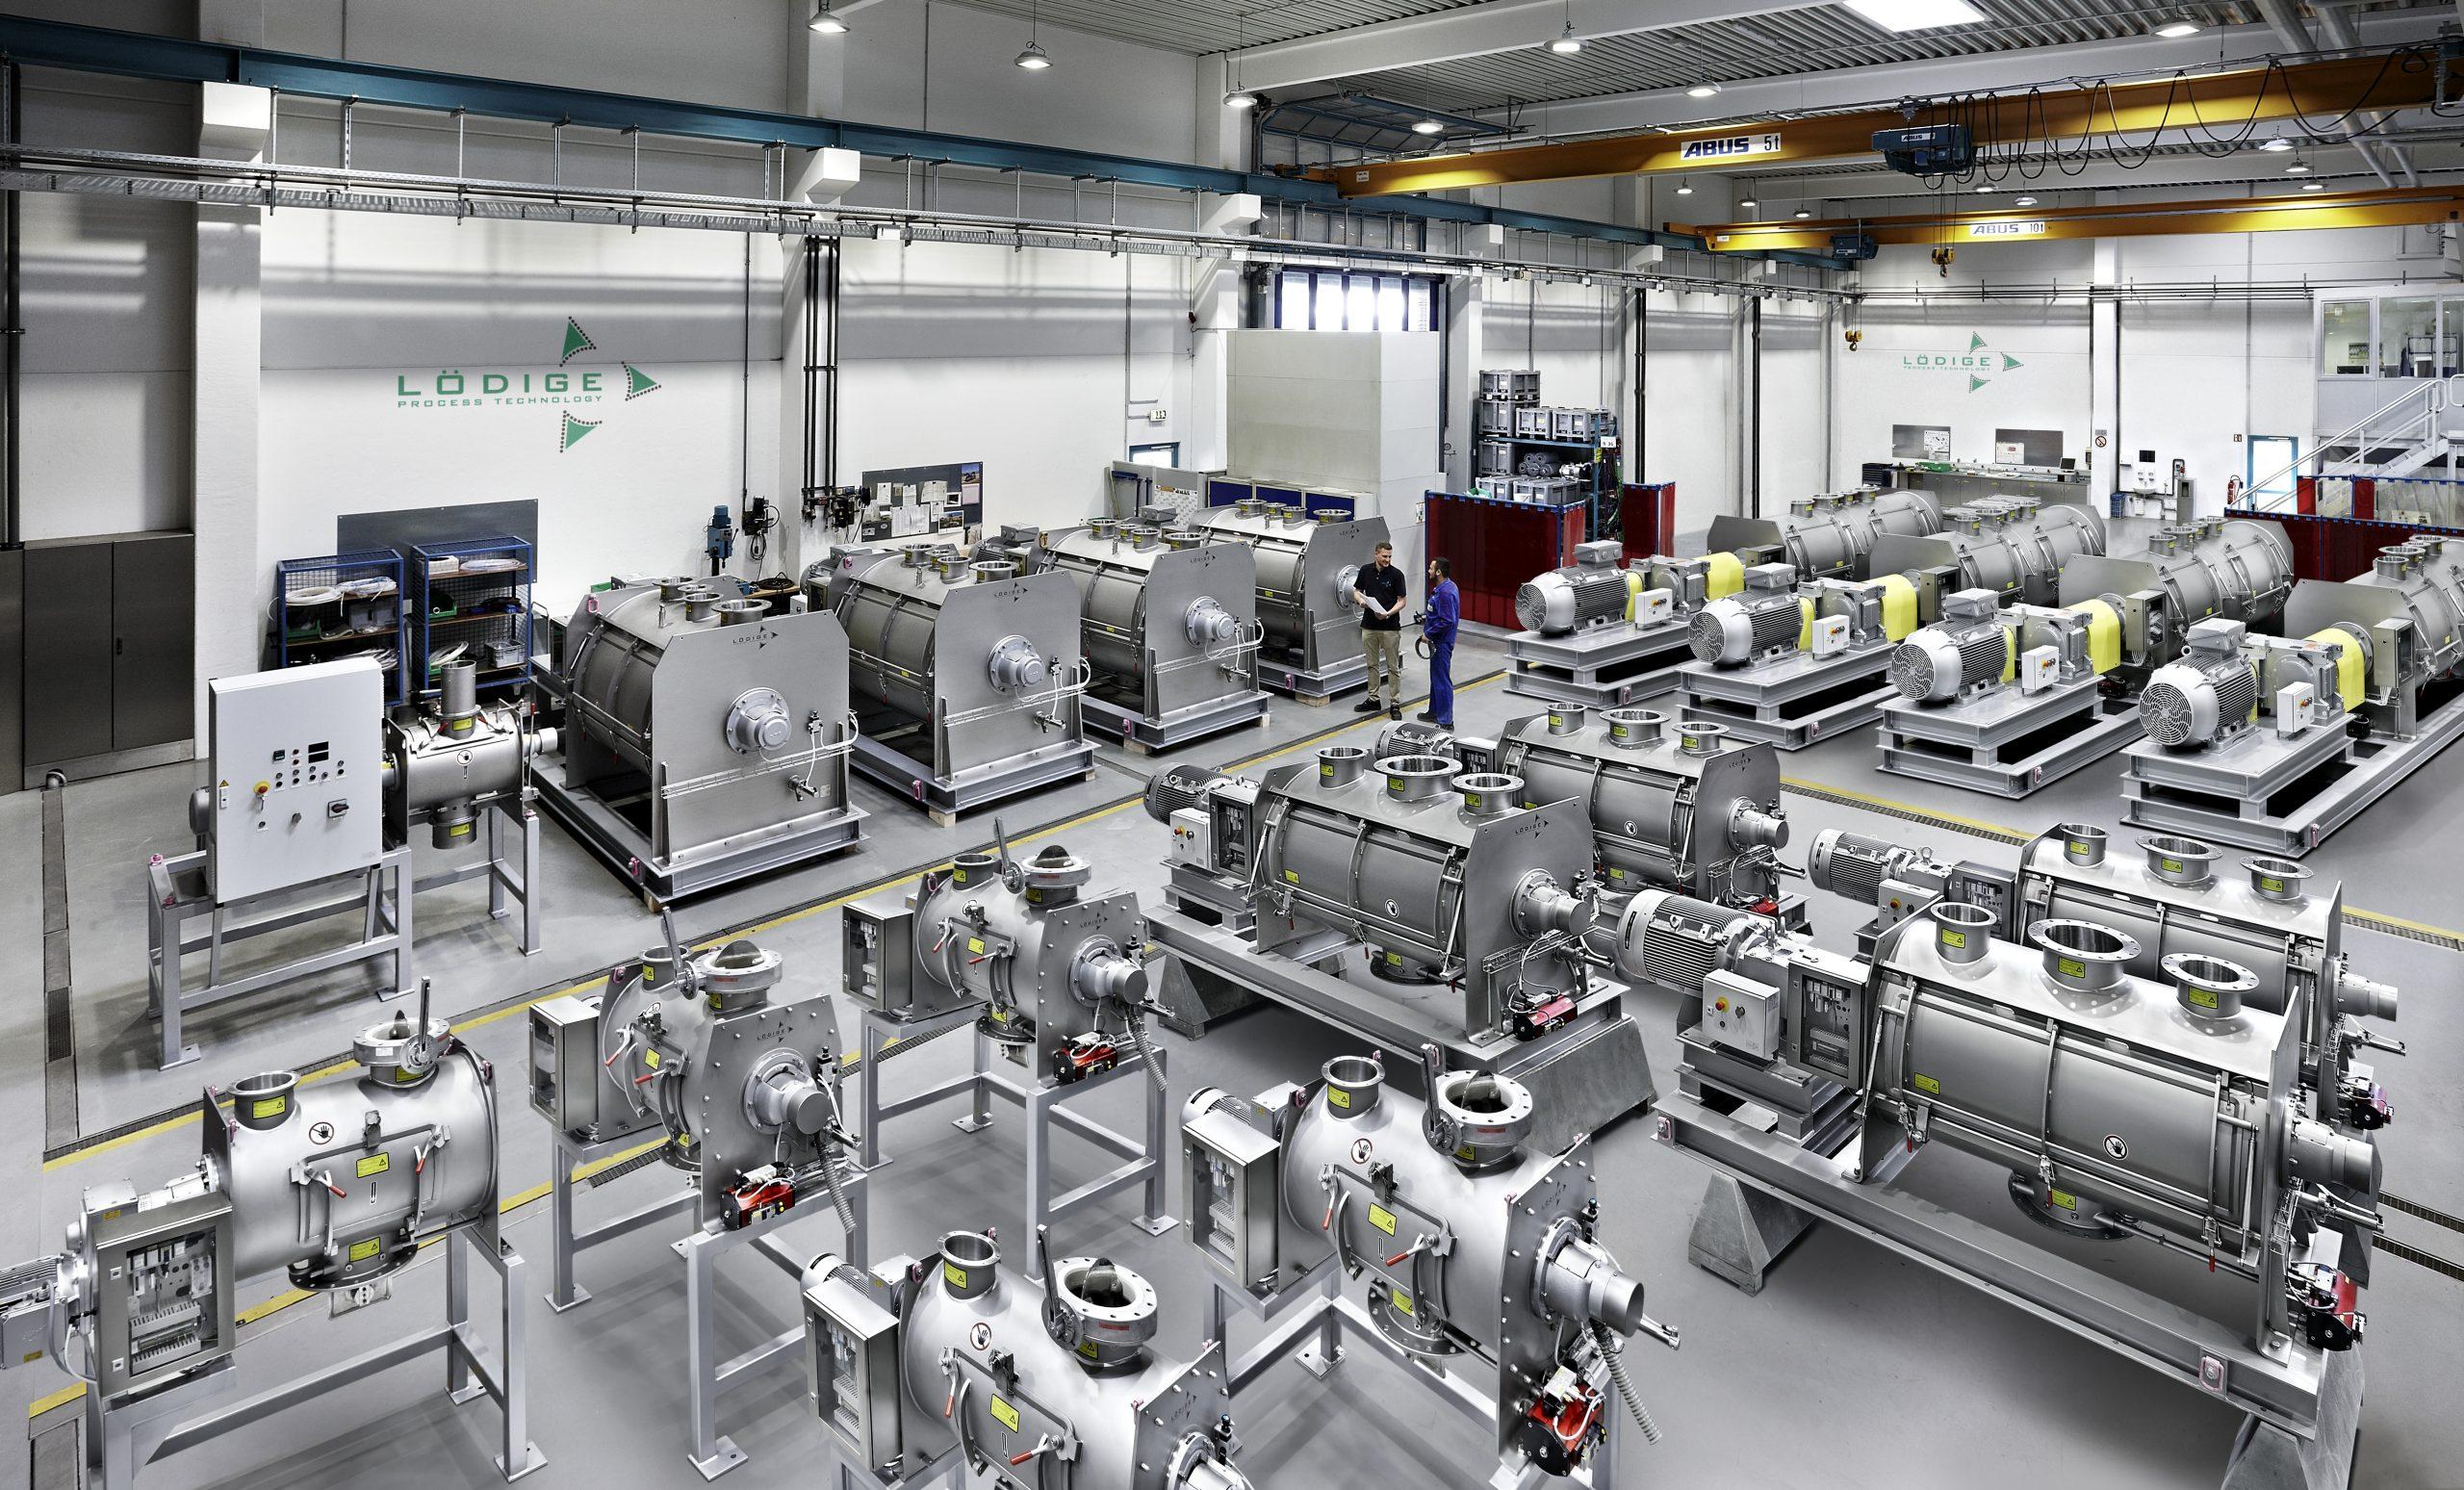 Den Kern fast jeder Anlage en ein Mischer, Trockner, Reaktor oder Coater. Darum entwickelt und baut Lödige ein System aus Apparaten und Maschinen. (Bild: PSI Automotive & Industry GmbH)